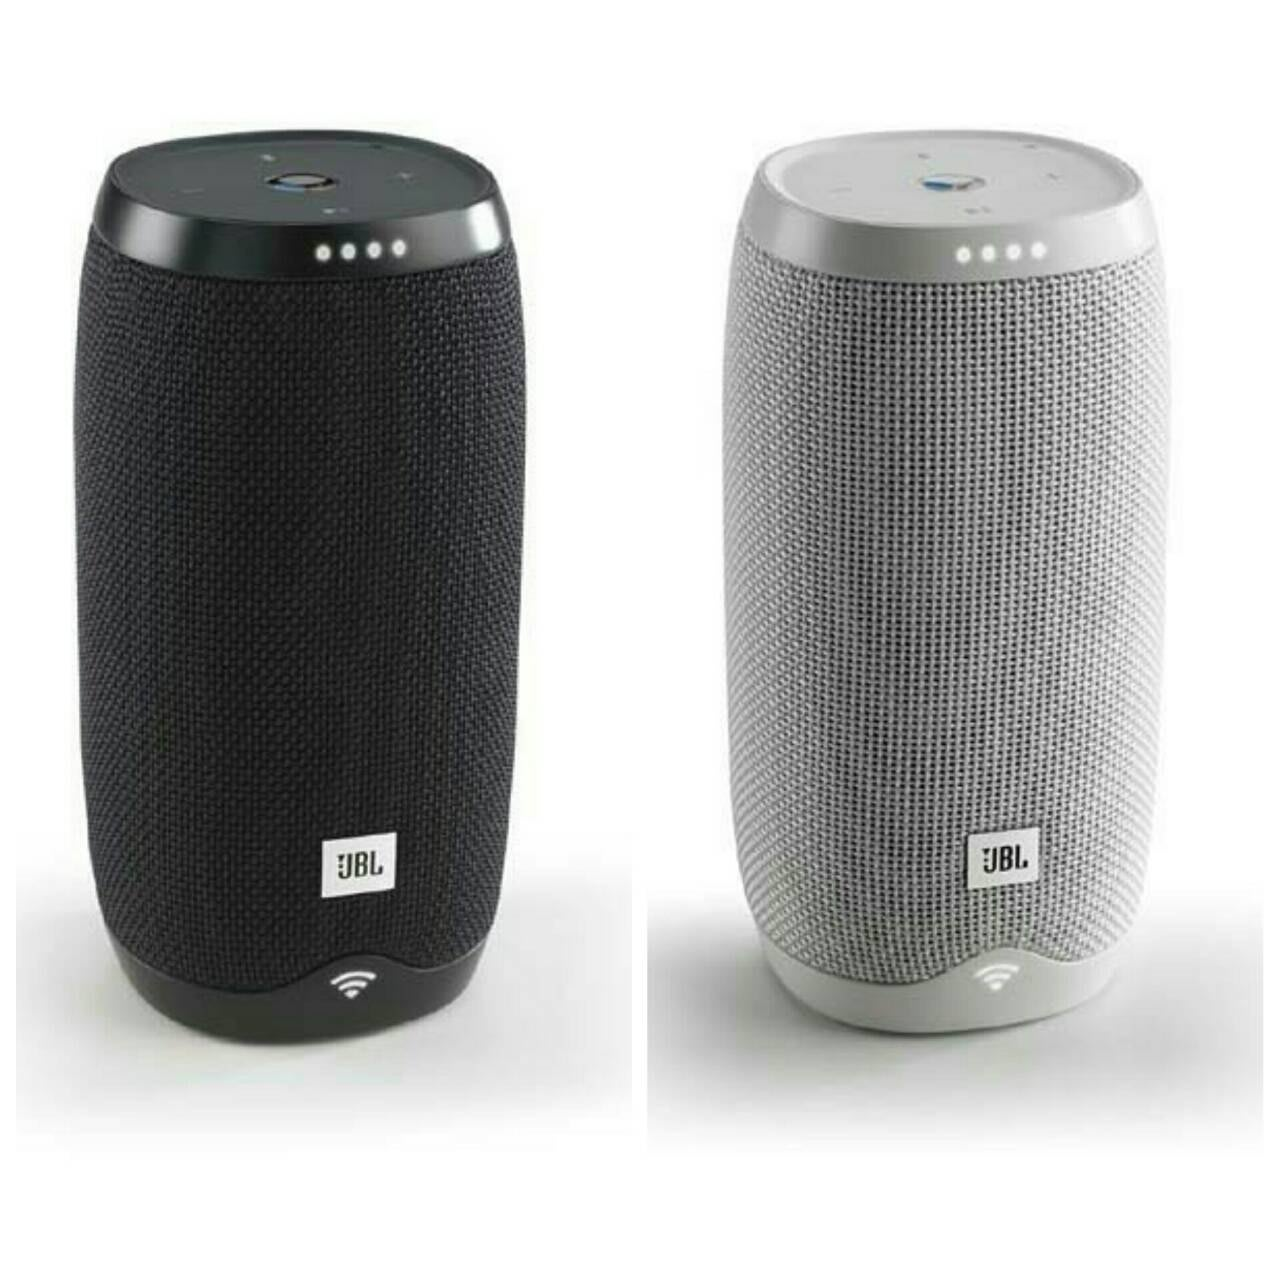 日本代購 JBL Link 10 防水智能喇叭 Google Assistant智能助理 兩色可選    預購